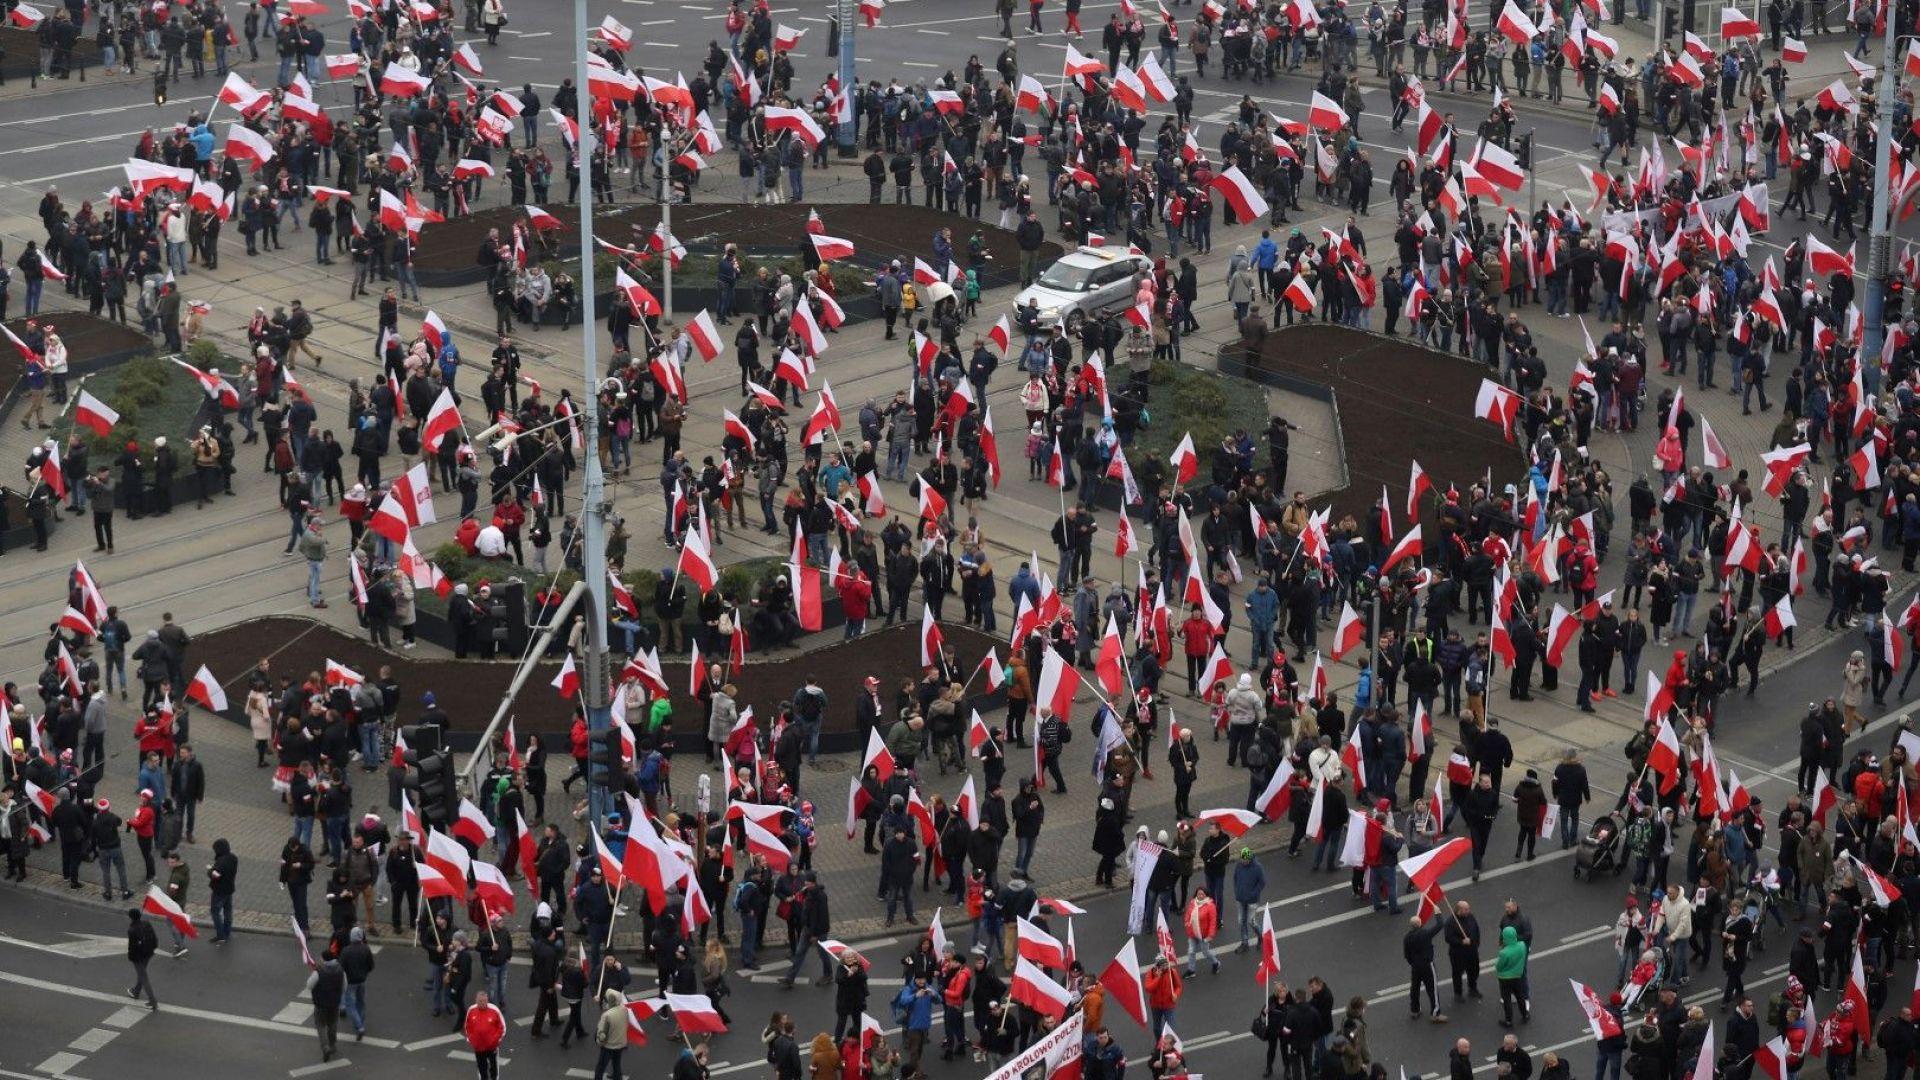 Младежите в Полша вече не плащат данък, но това едва ли ще спре емиграцията